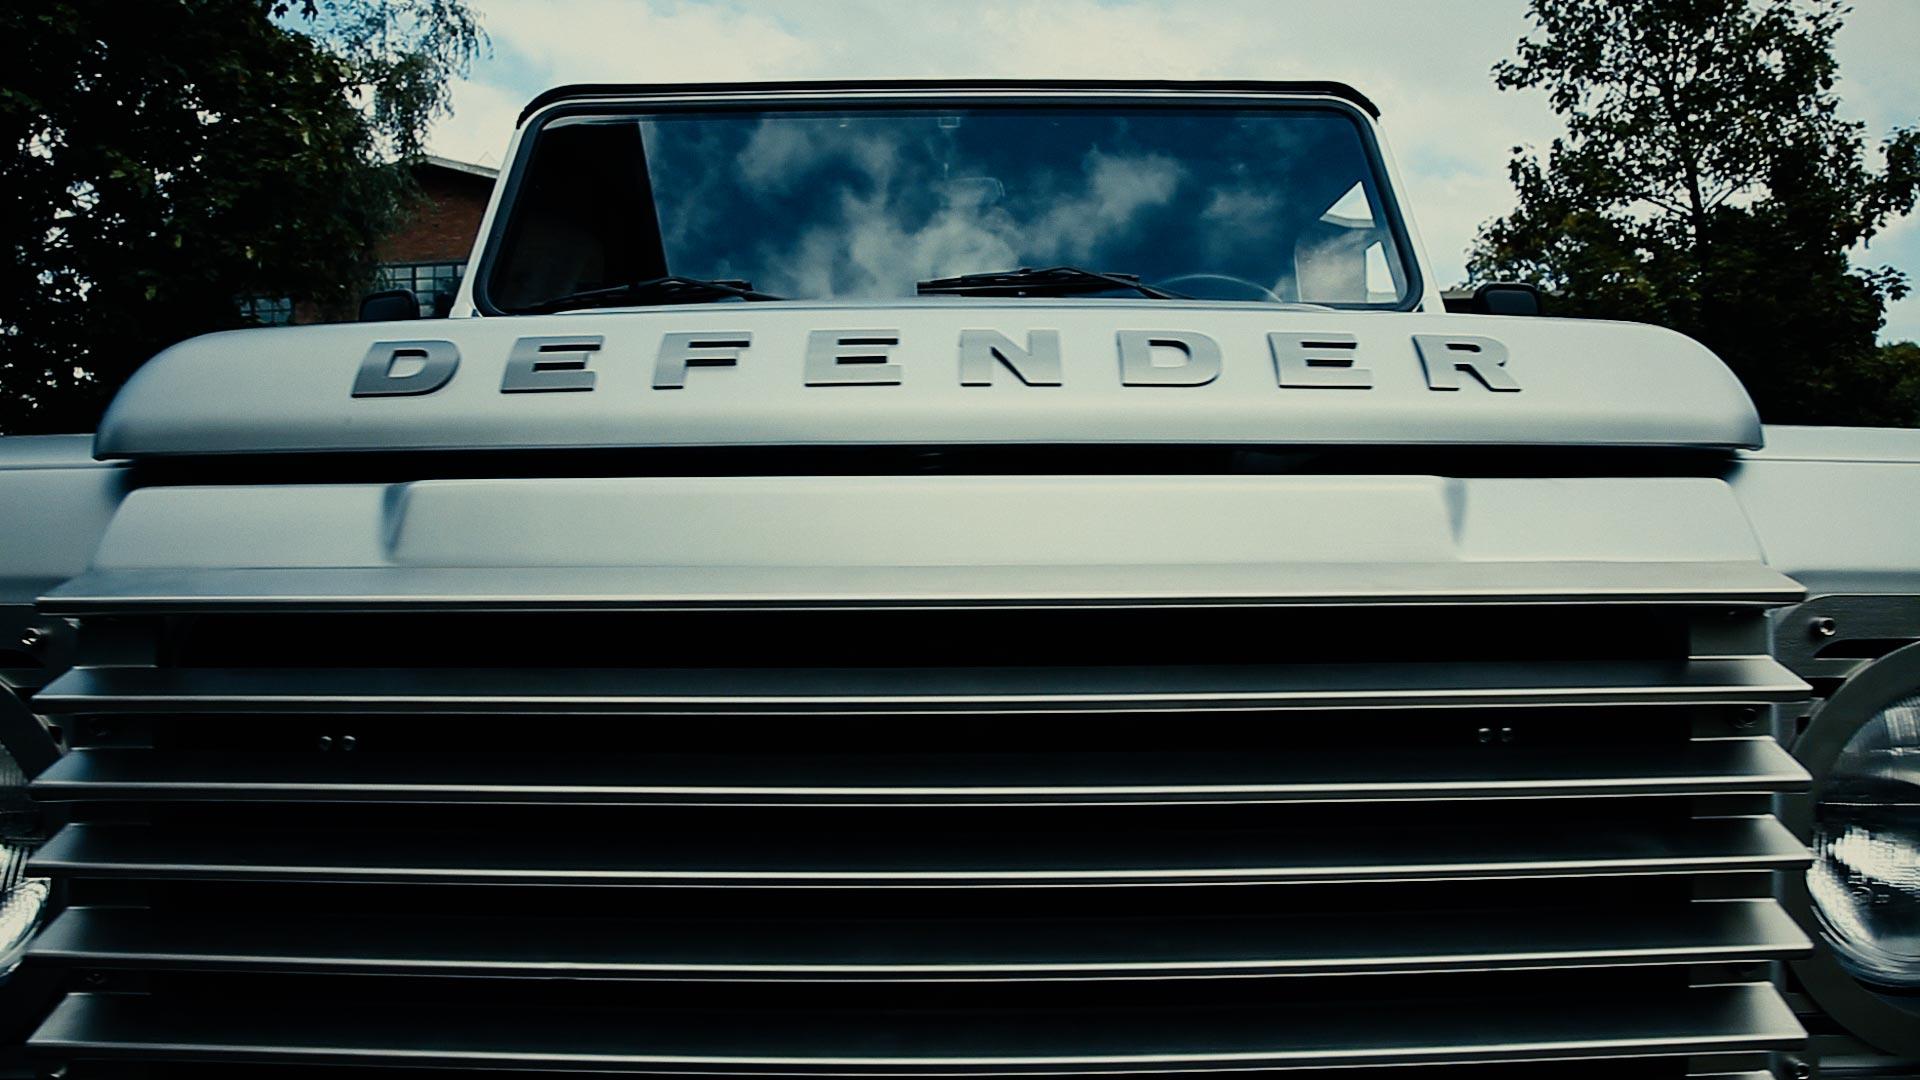 last_defender_car-piet-boon-jpg4